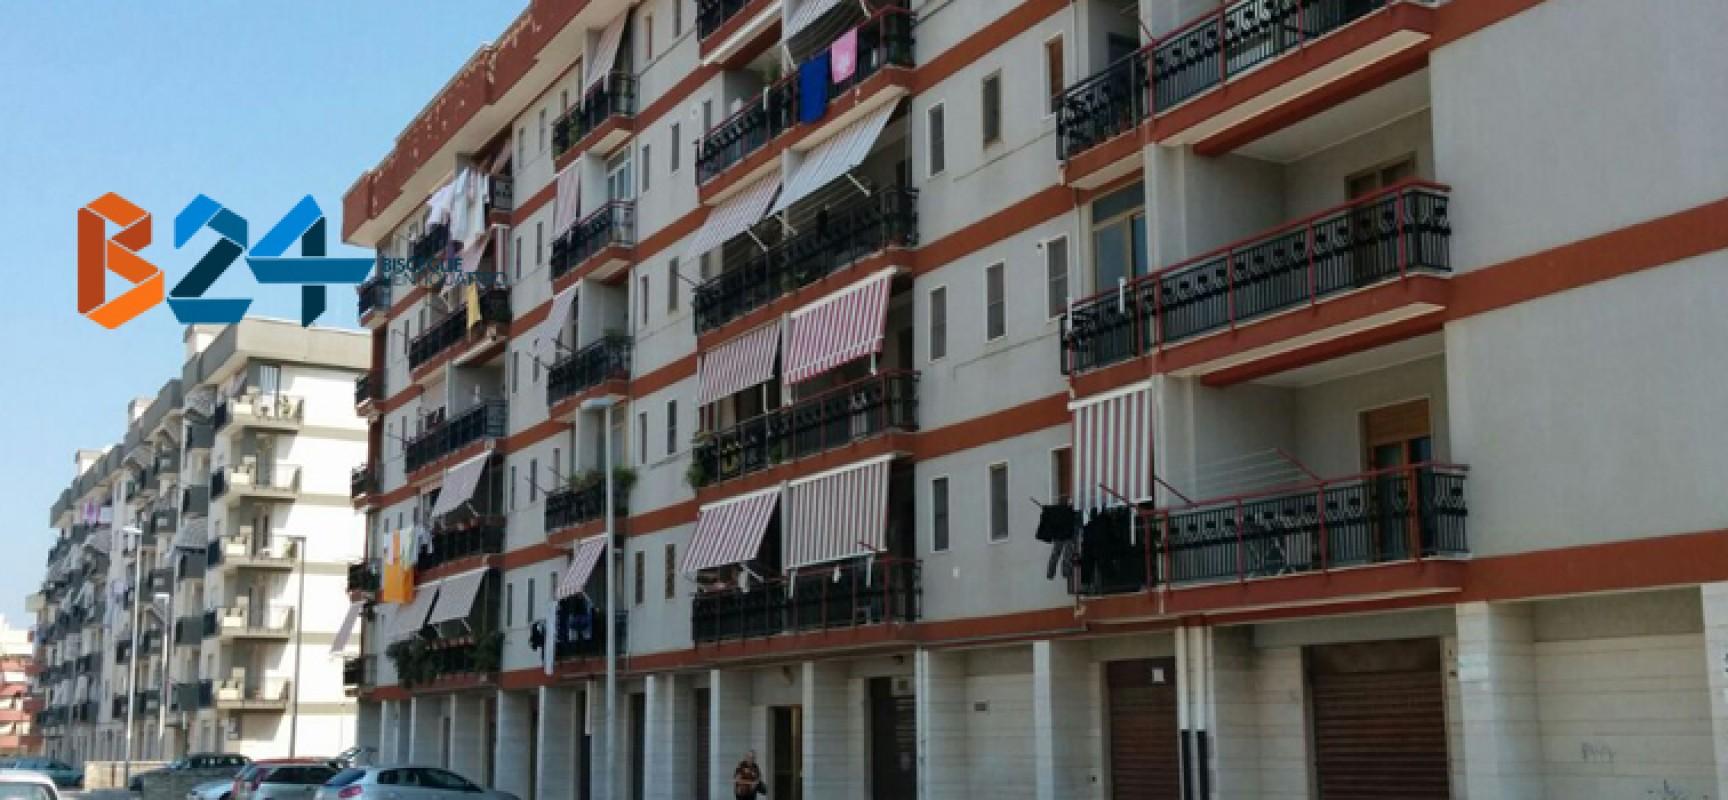 A Bisceglie una famiglia su cinque vive in affitto, Bat prima in Puglia e 17° in Italia in locazioni